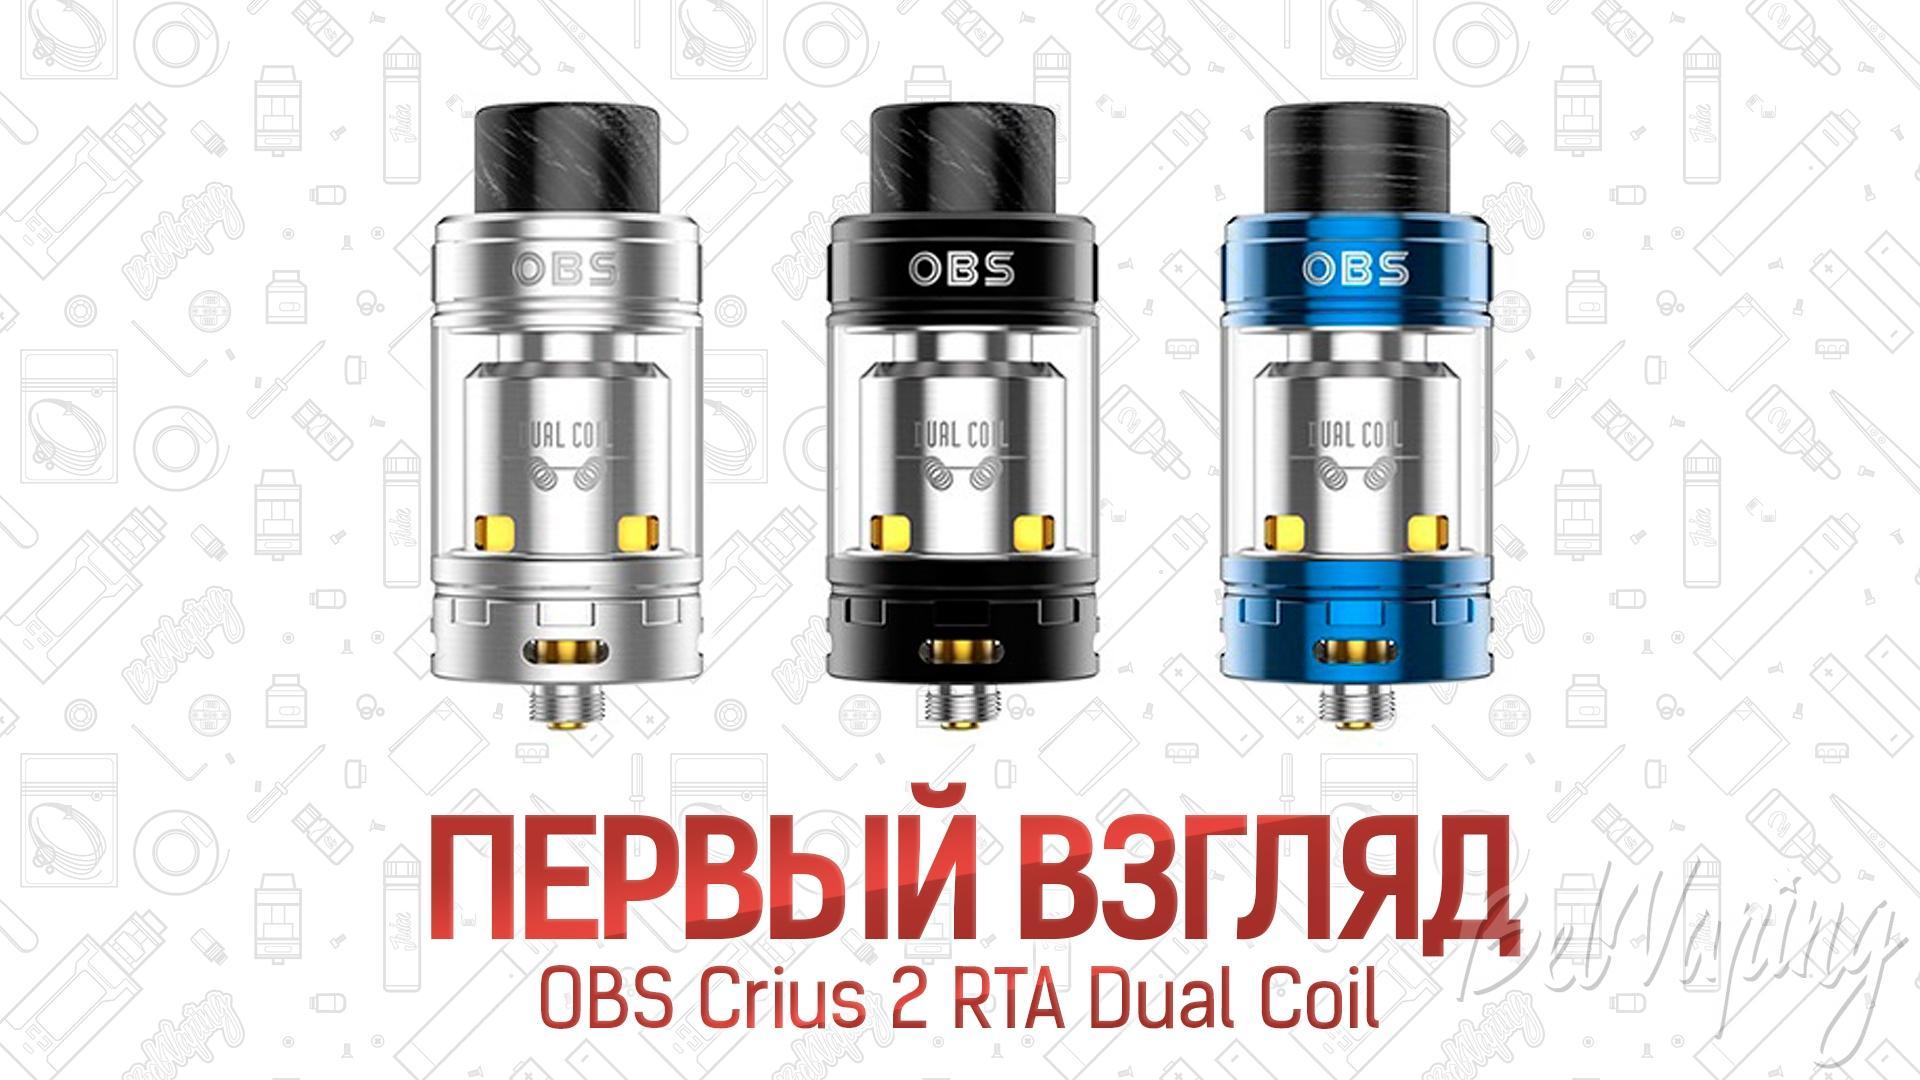 OBS Crius 2 RTA Dual Coil. Первый взгляд